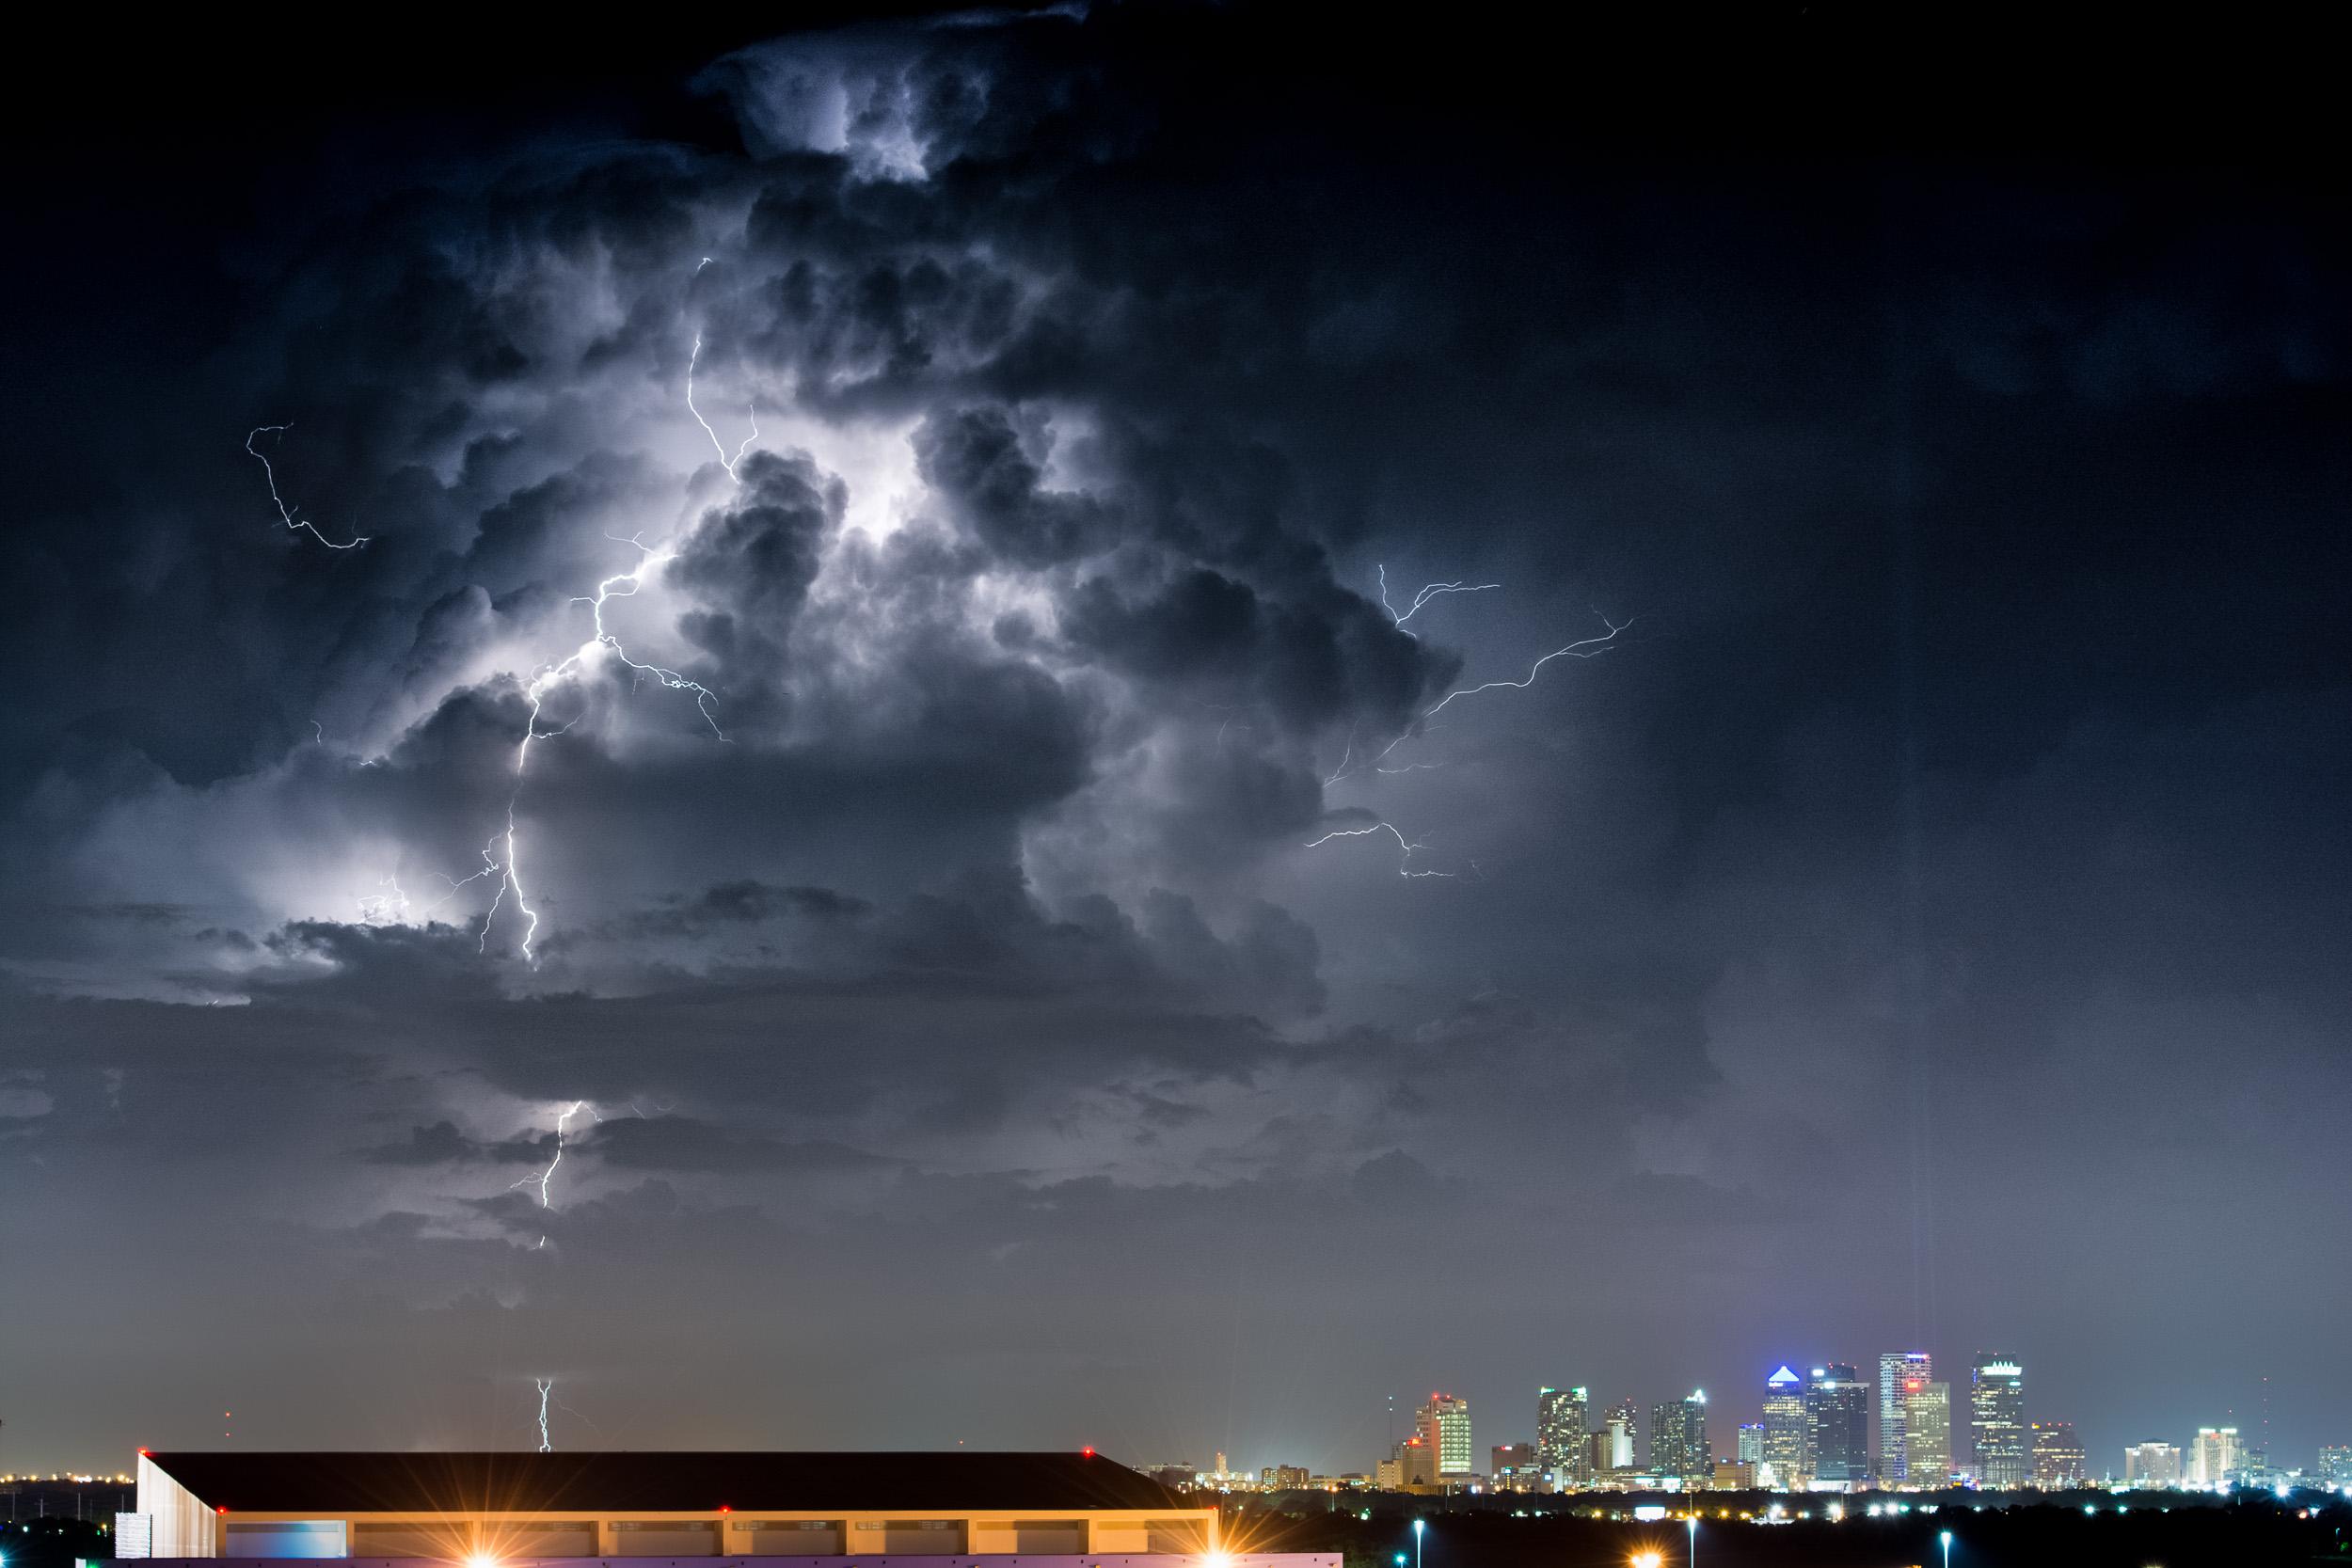 ракетный гром среди темного неба фото как моя